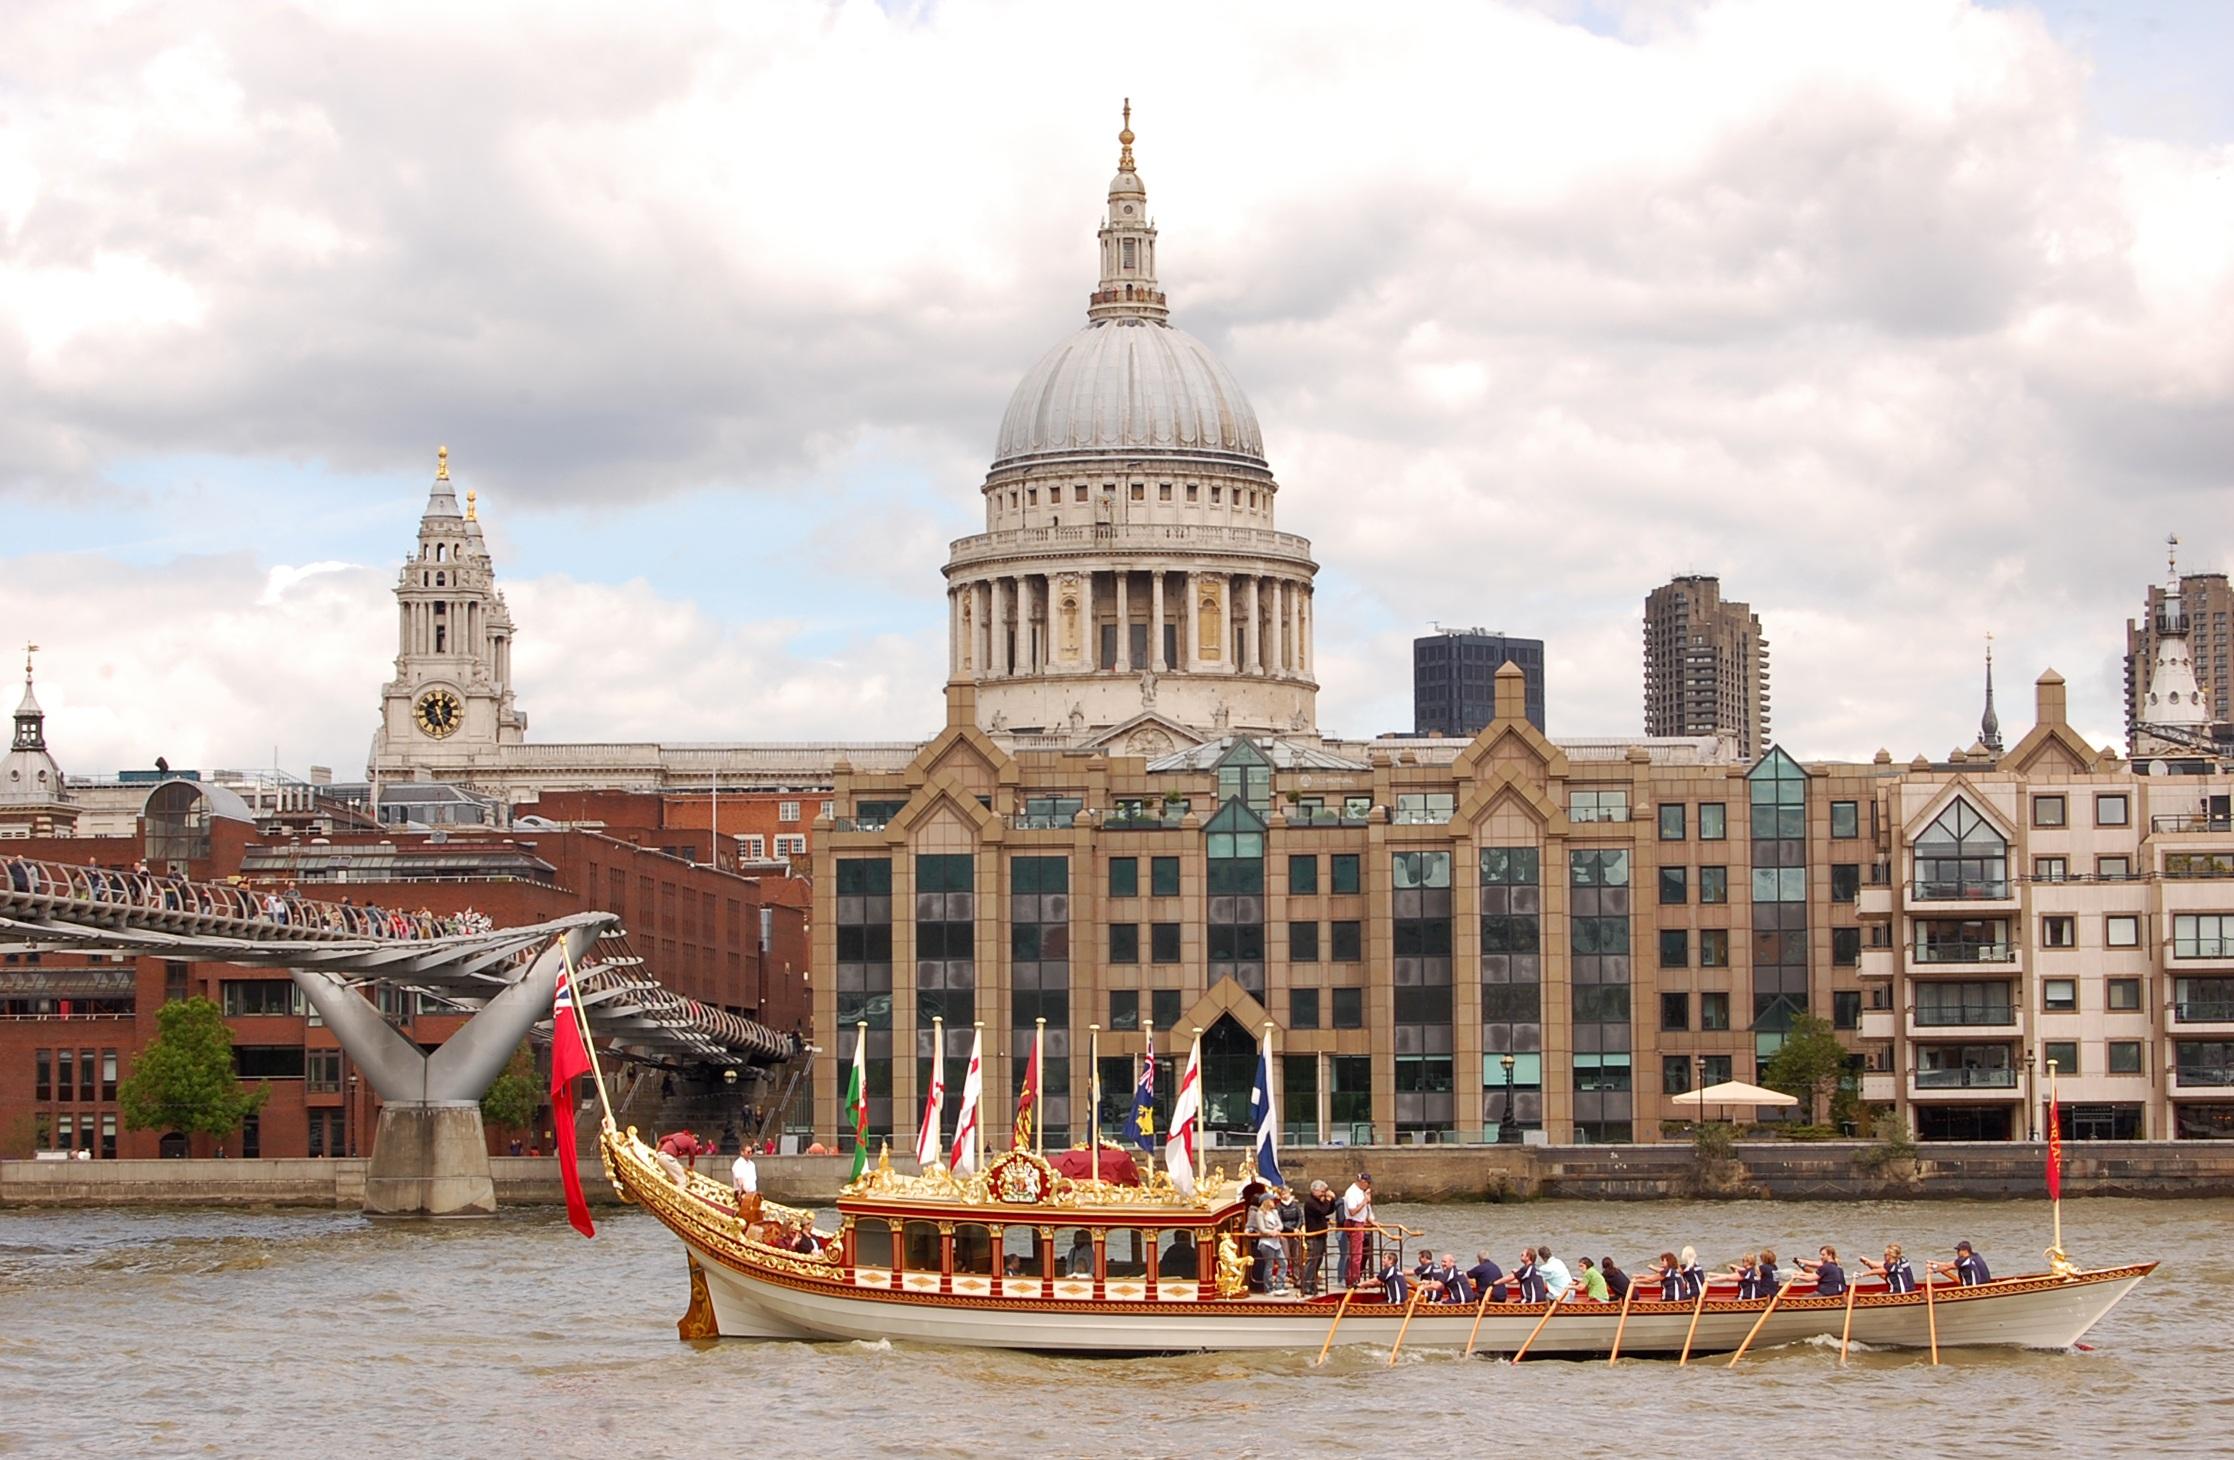 倫敦酒店旅館住宿英格蘭倫敦通票預訂全球便宜的低價格